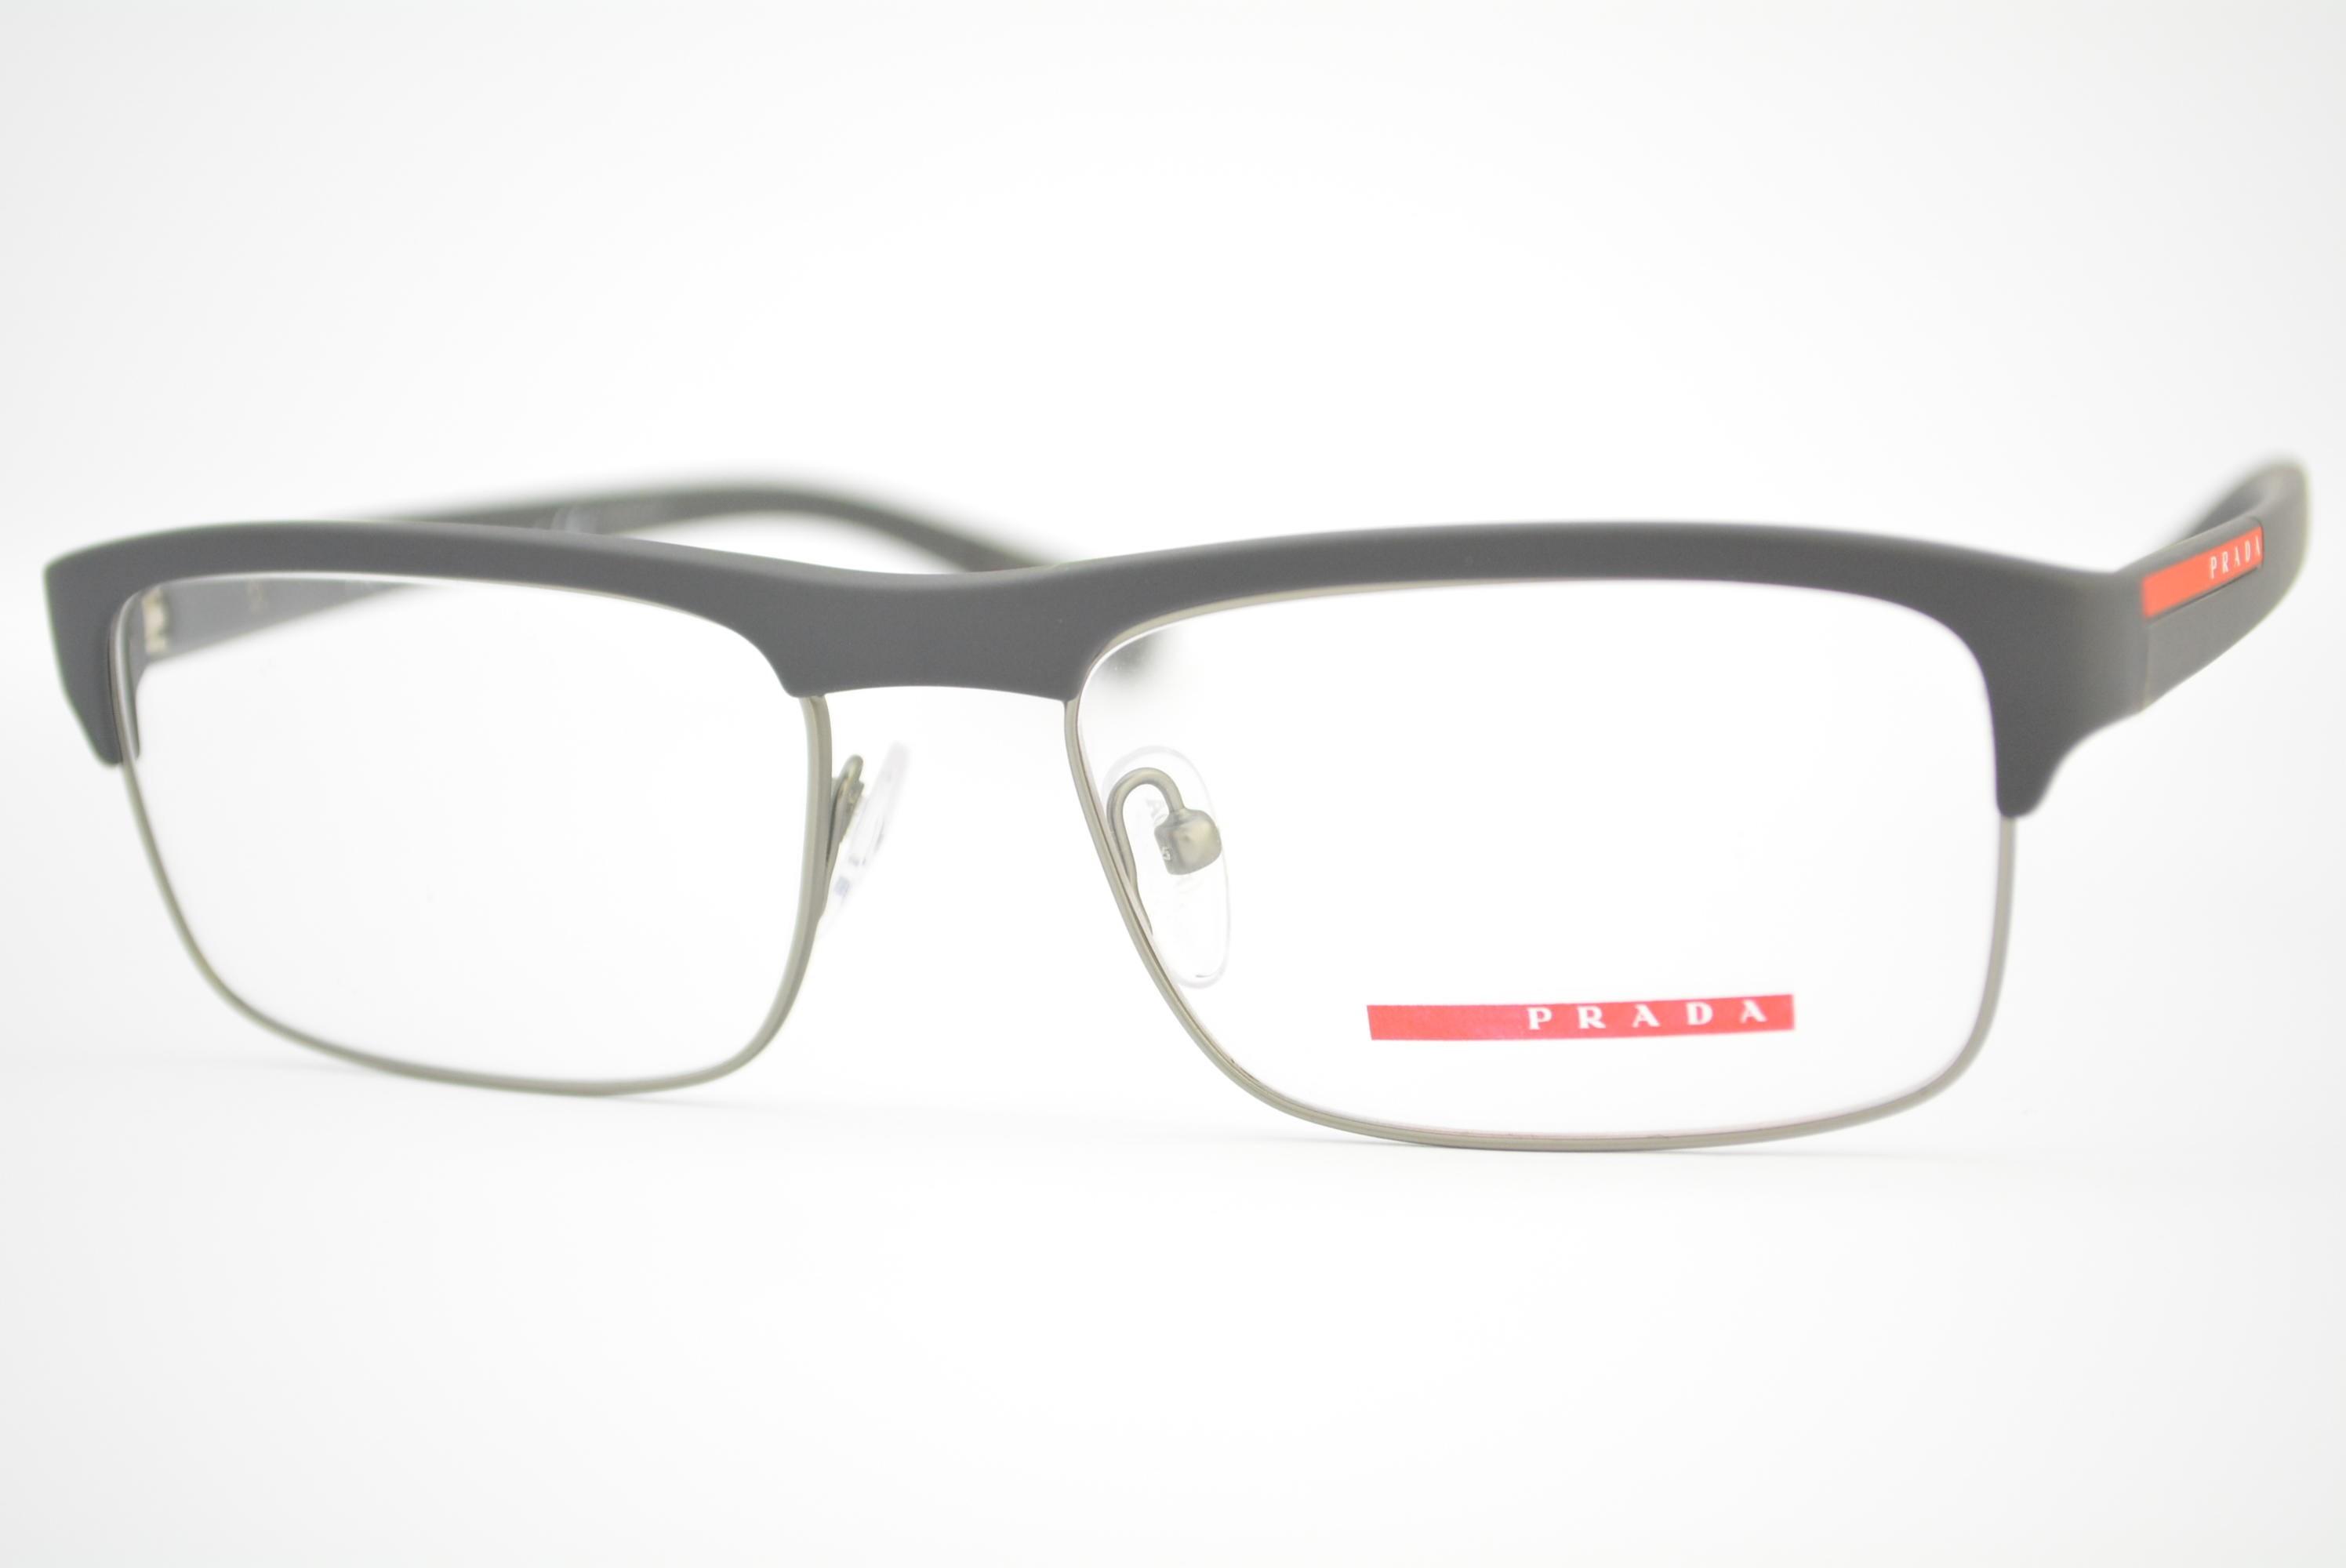 b7b56c1ef armação de óculos Prada Linea Rossa mod vps06F TFZ-1O1 Ótica Cardoso